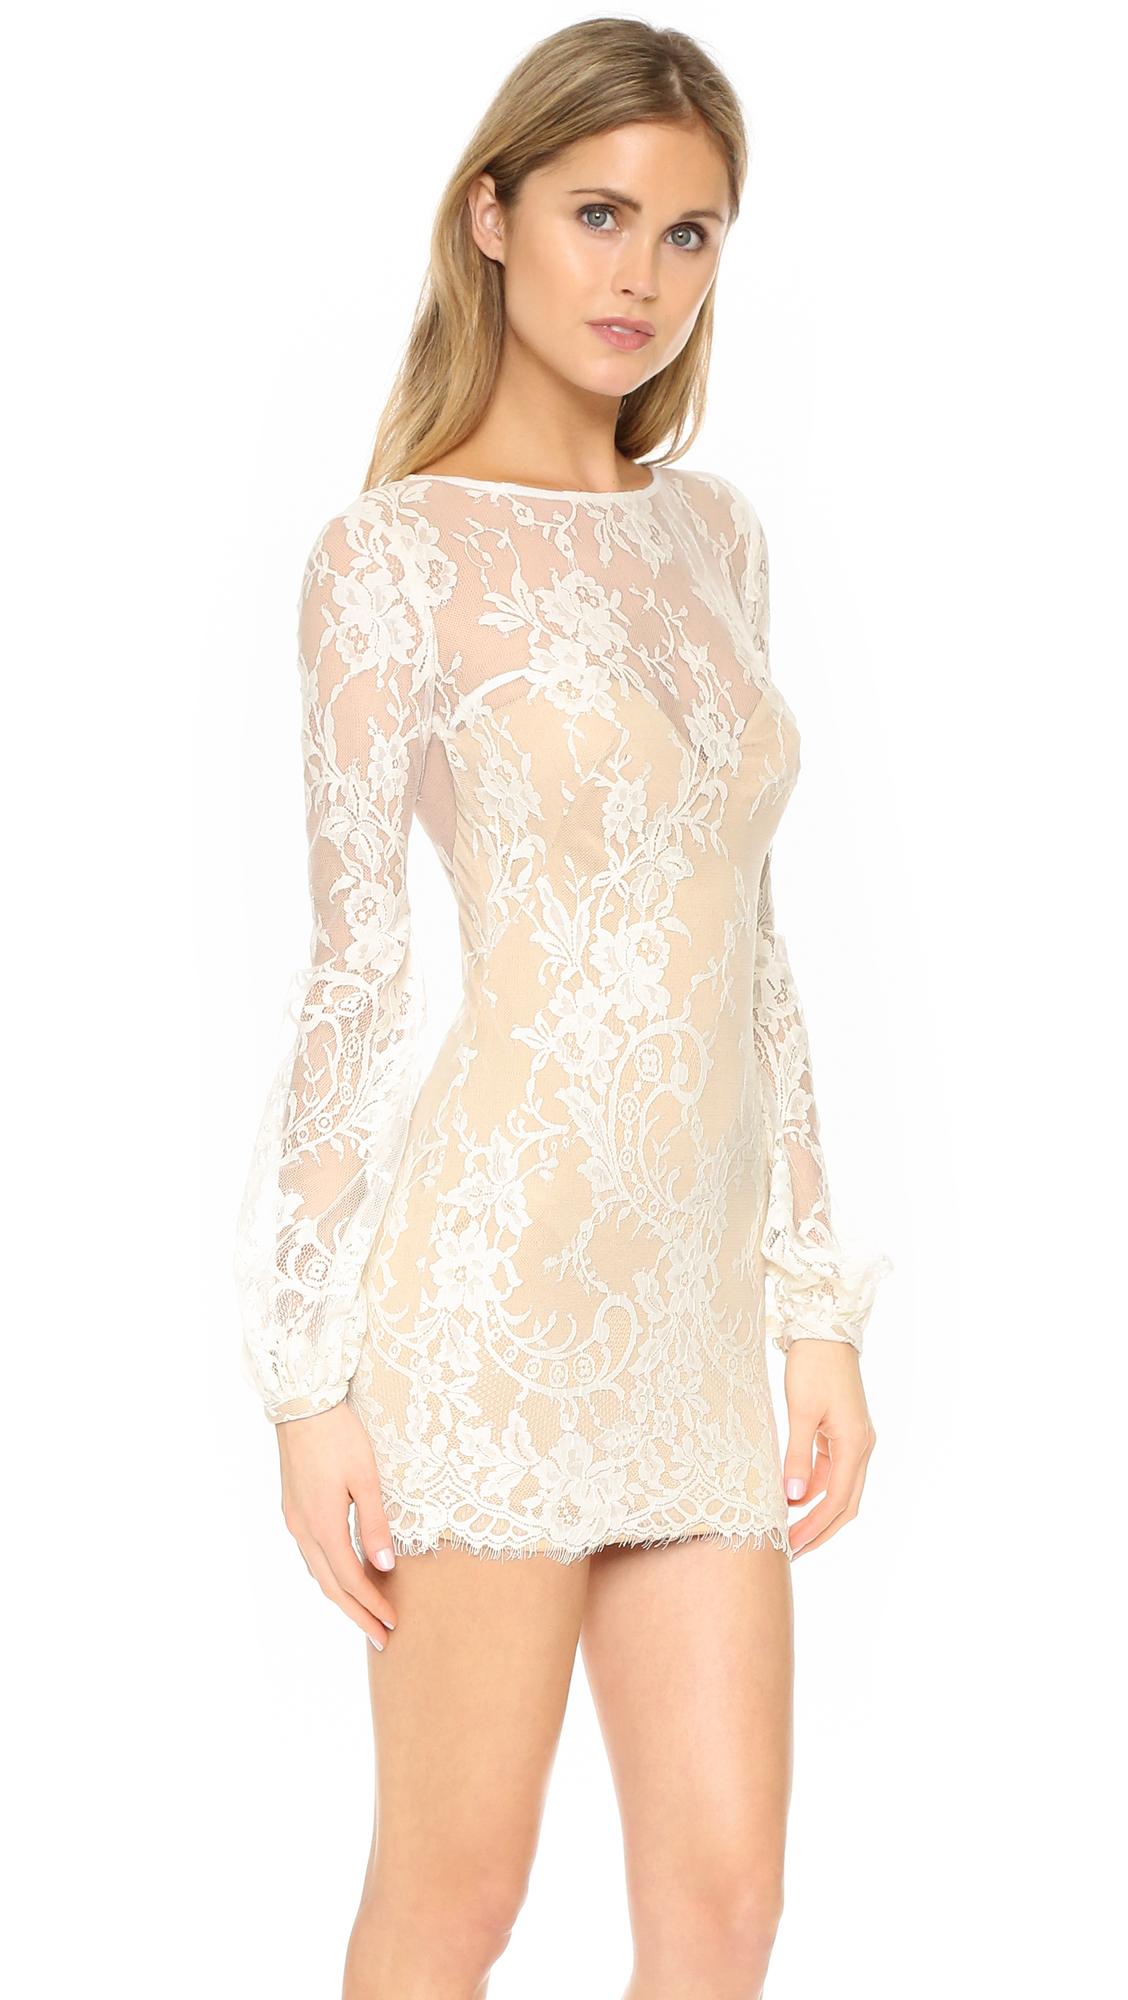 Katie May Britney Mini Dress  a0a2dfe9717d4